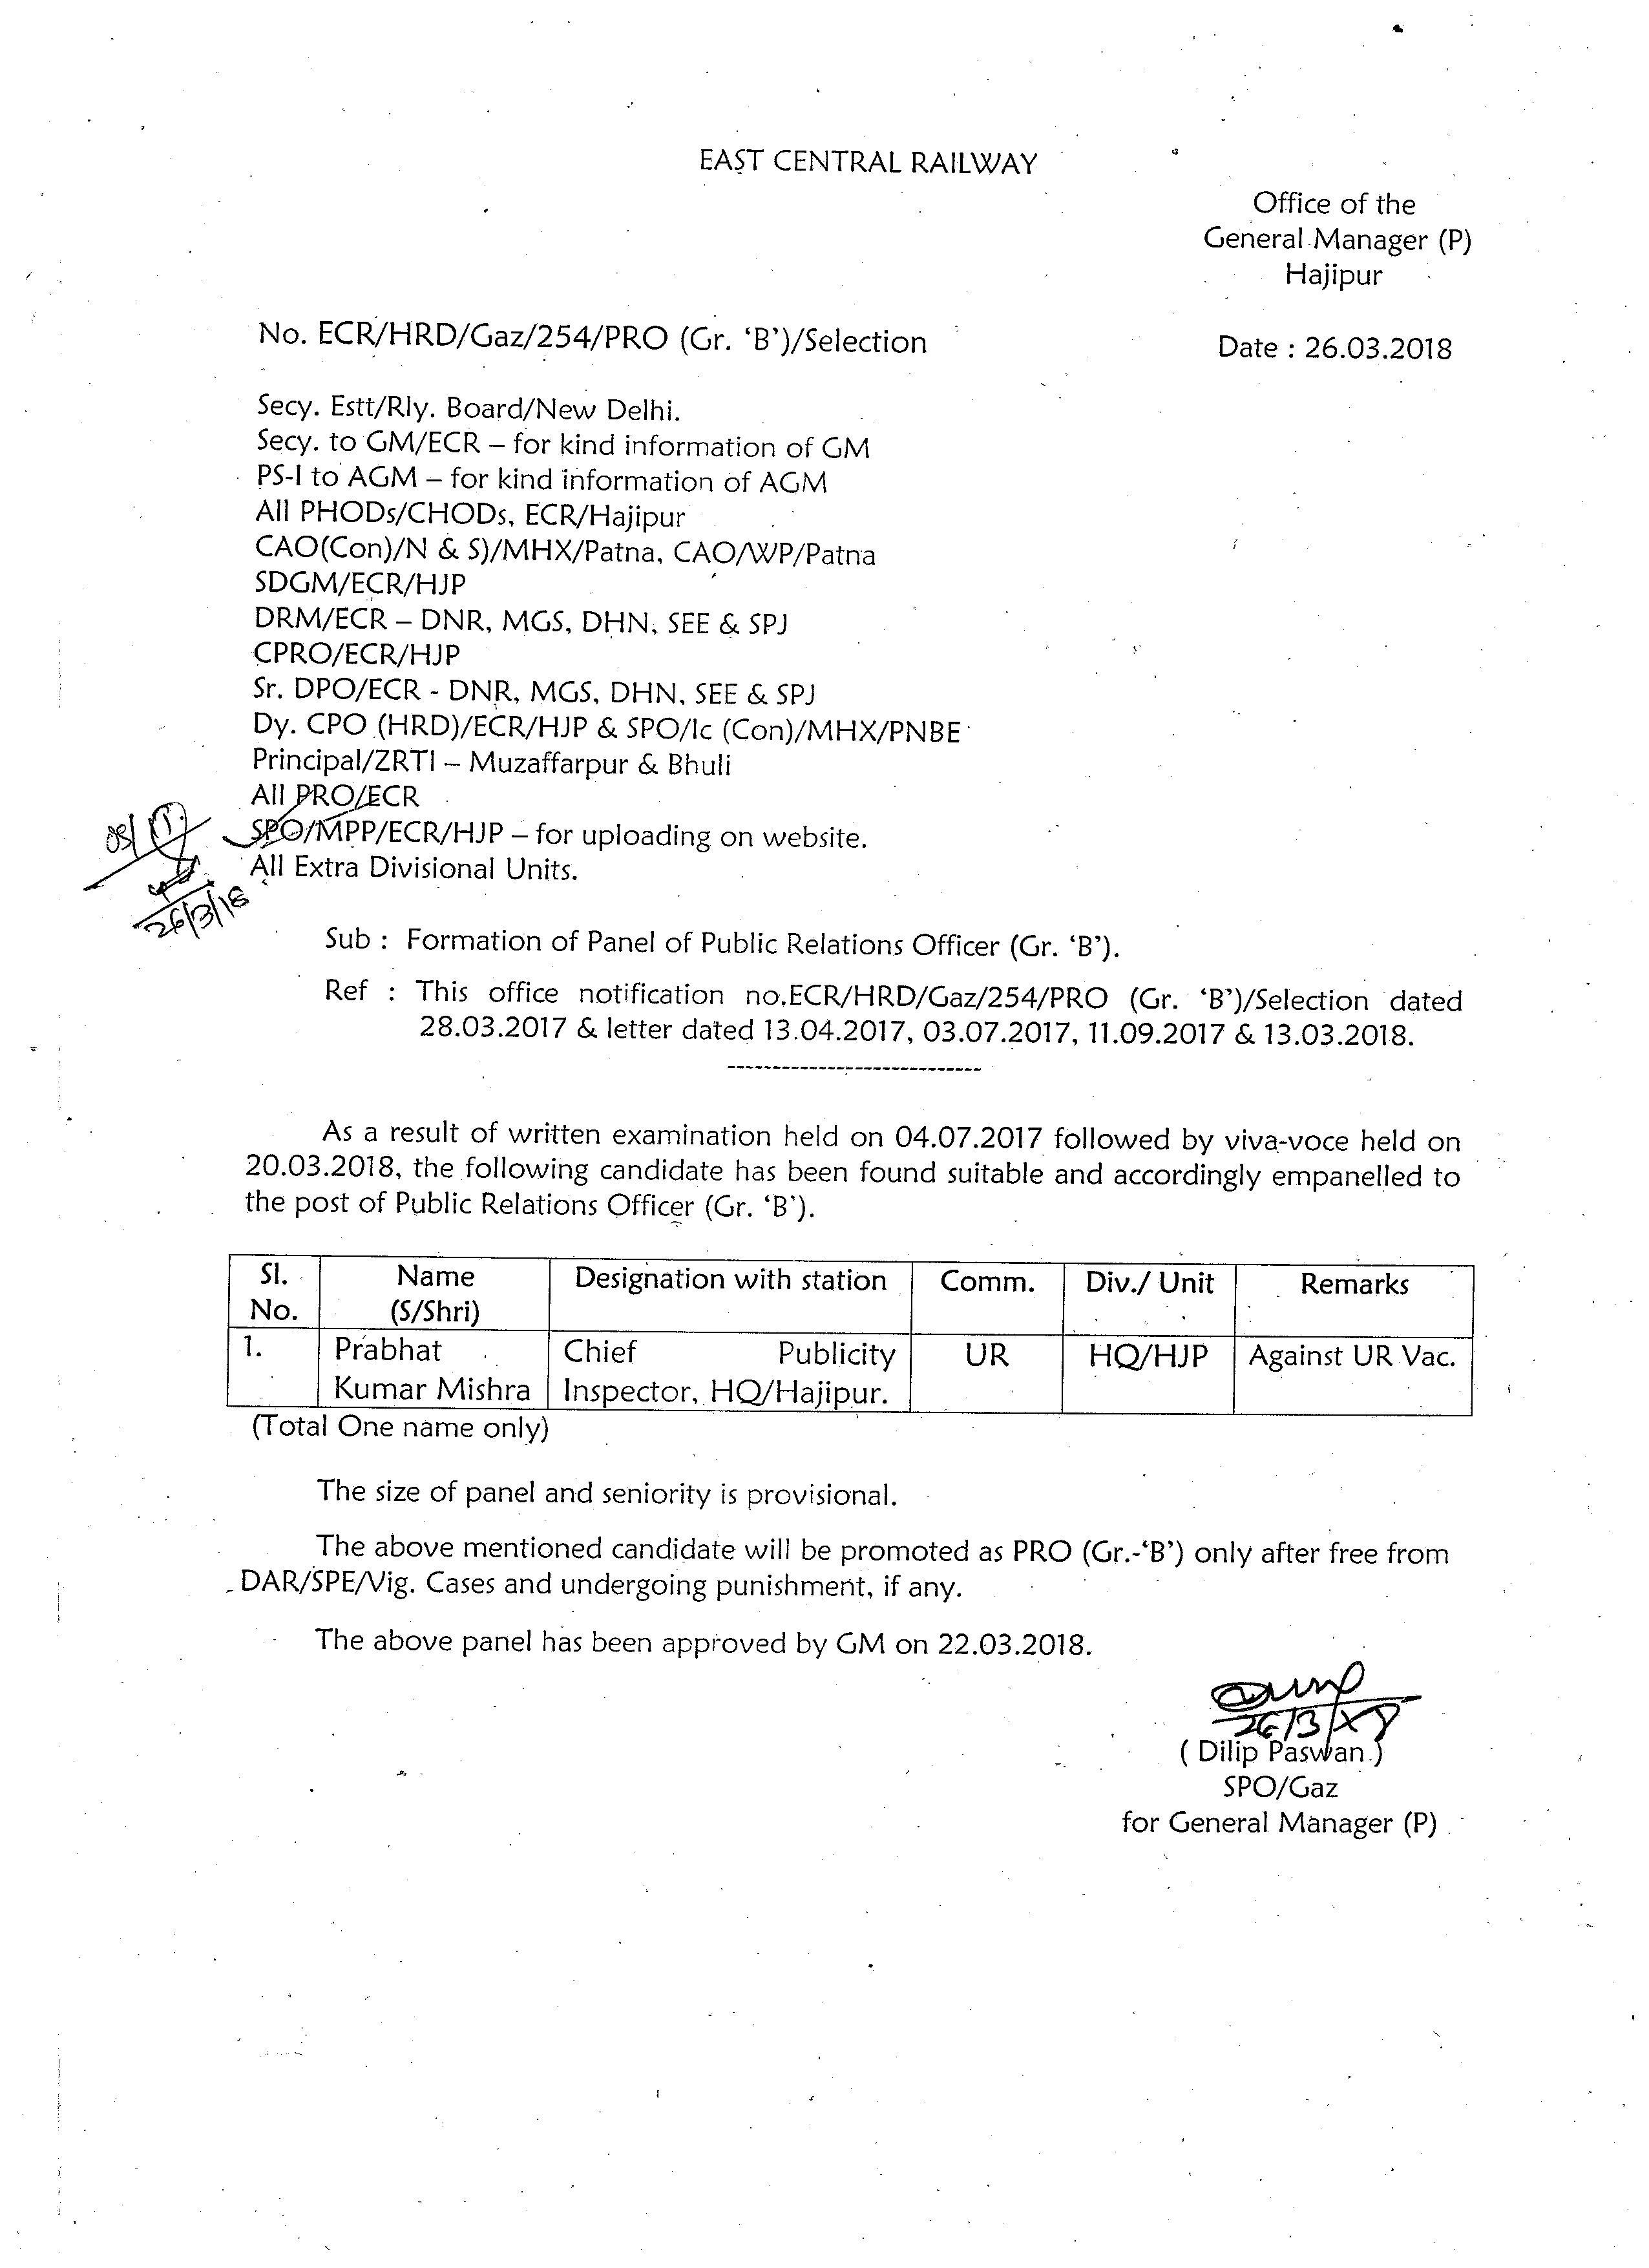 East Central Railways / Indian Railways Portal